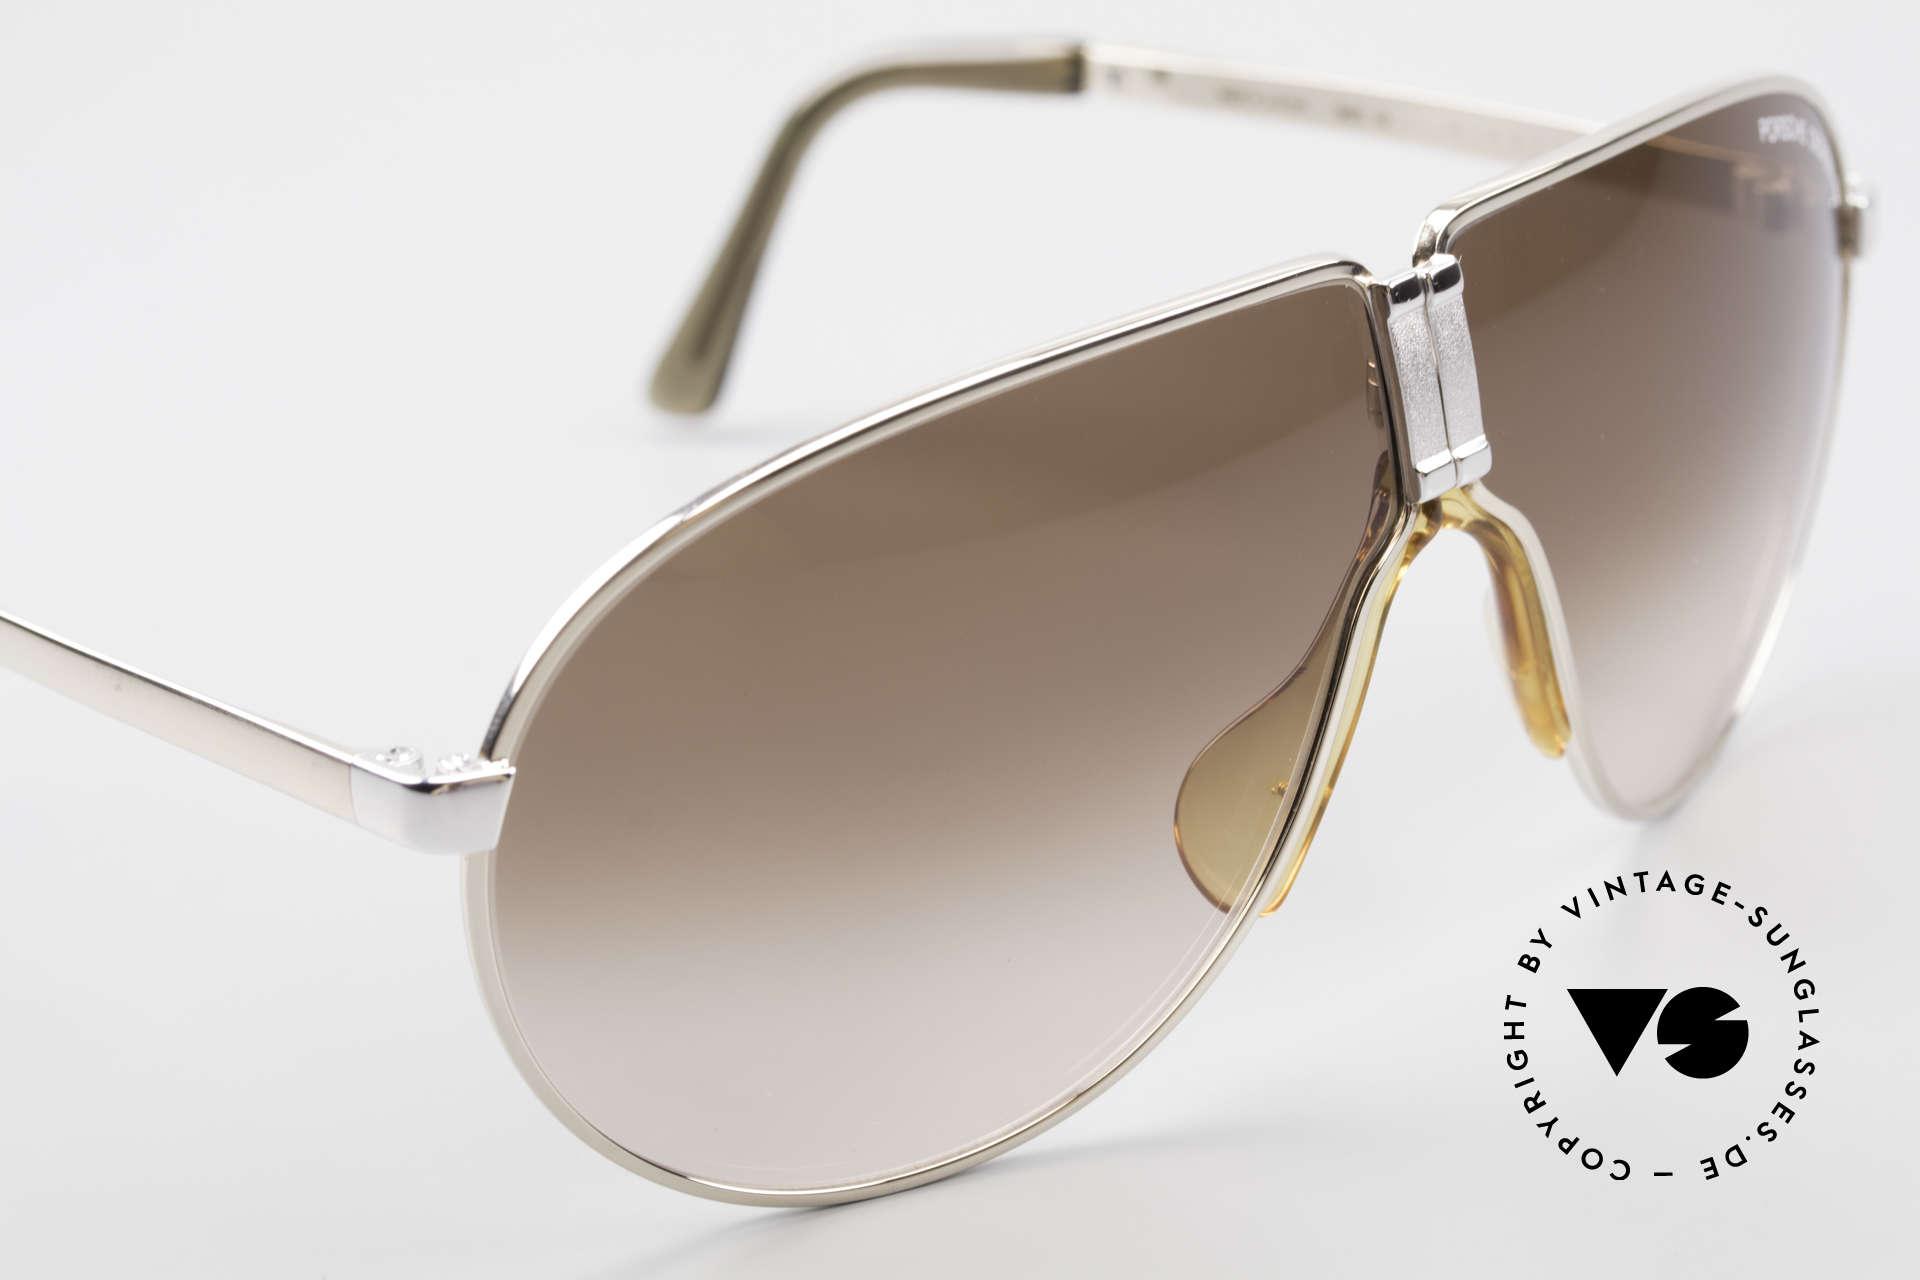 Porsche 5622 80er Luxus Faltsonnenbrille, ungetragen (wie alle unsere VINTAGE Designer-Brillen), Passend für Herren